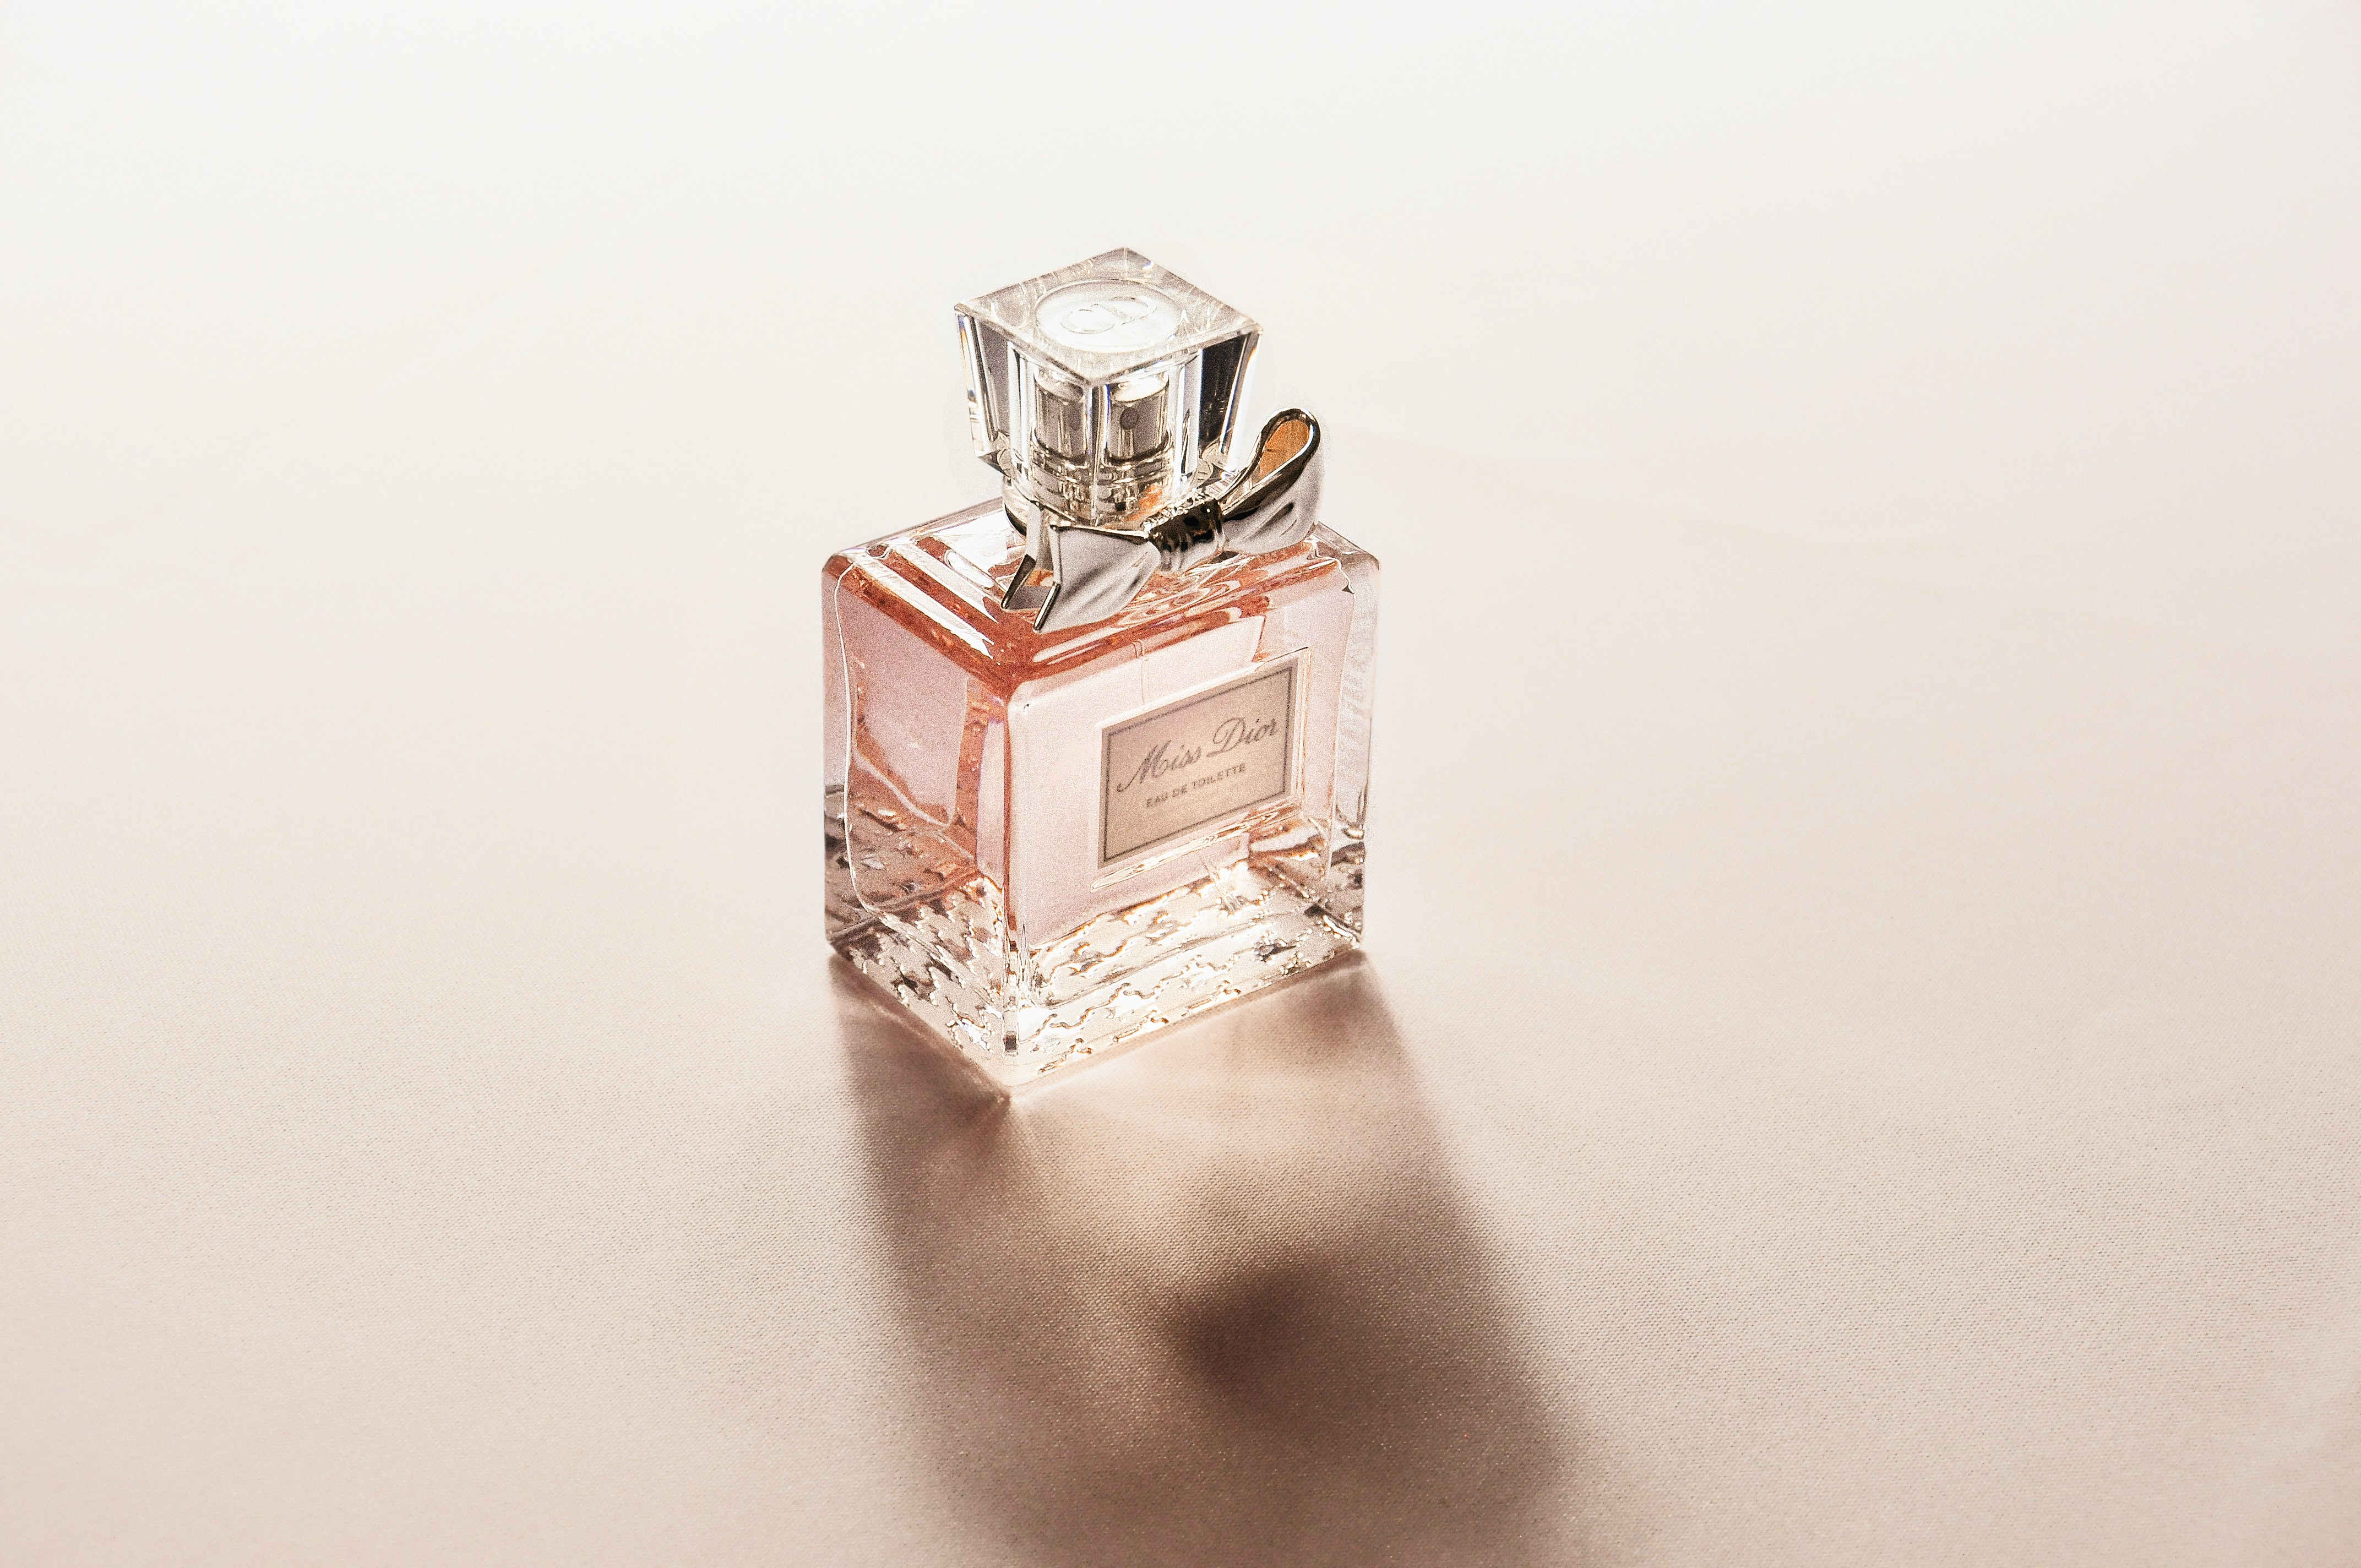 clear perfume bottle